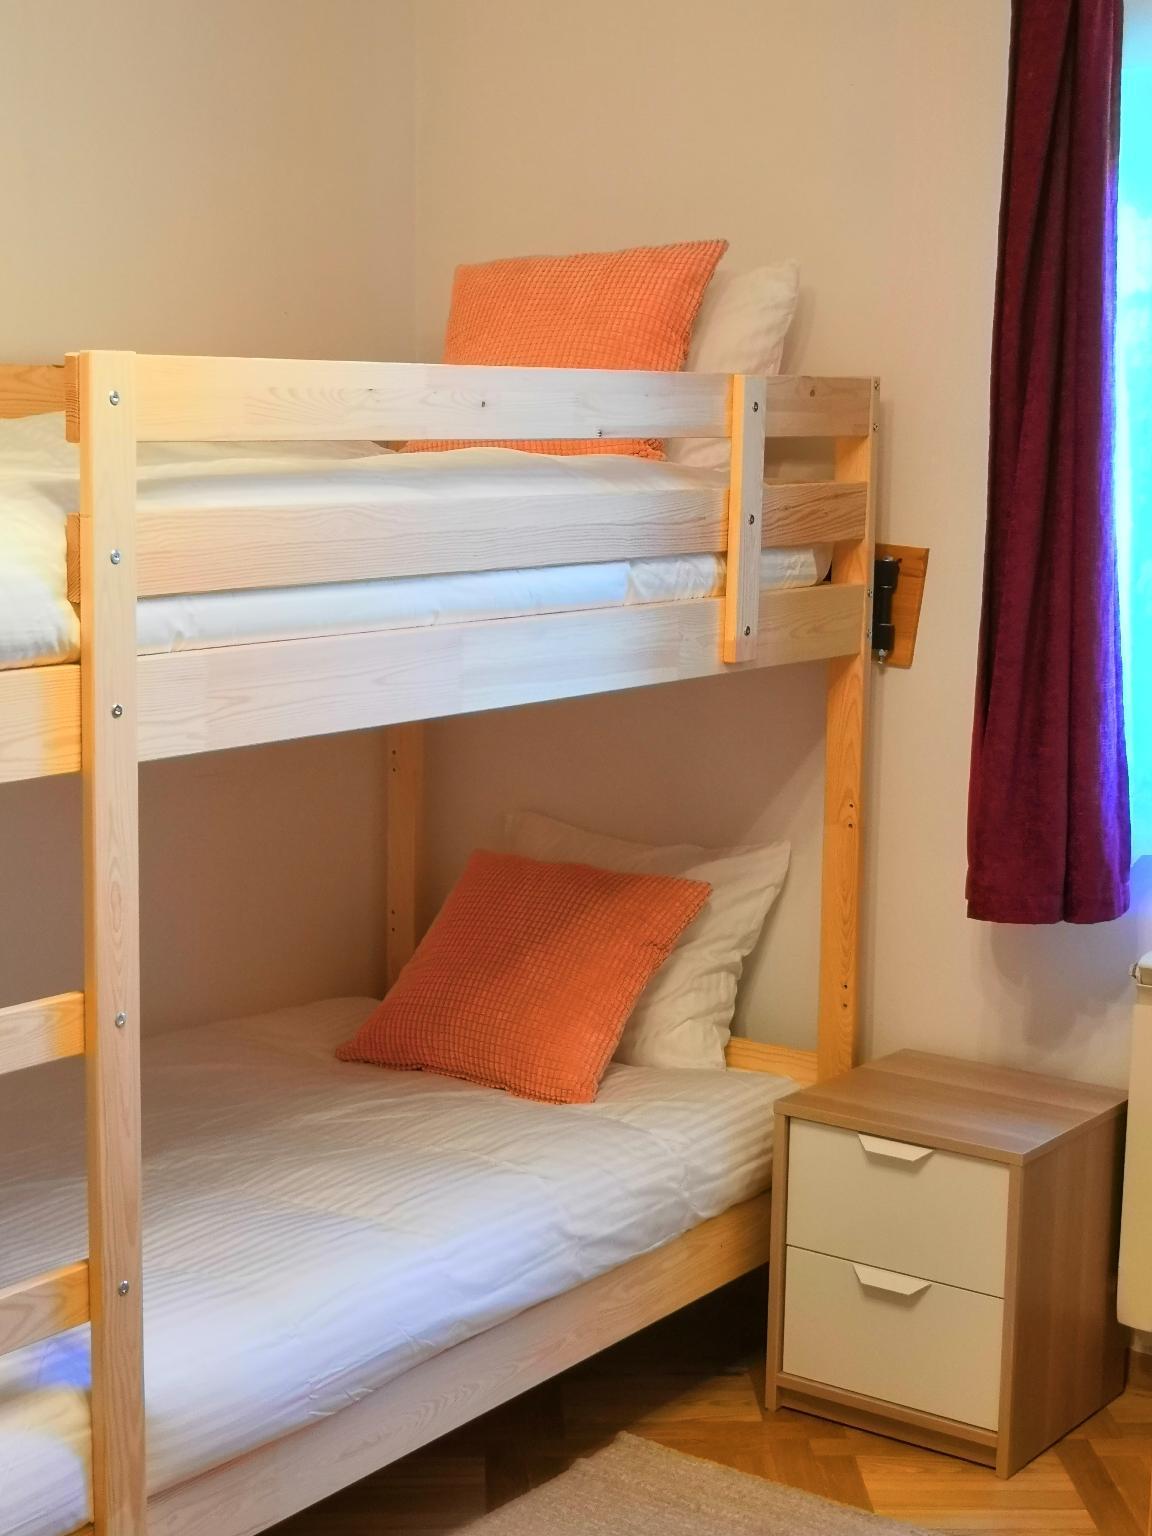 3 Bunds 6 Beds Female Room 001